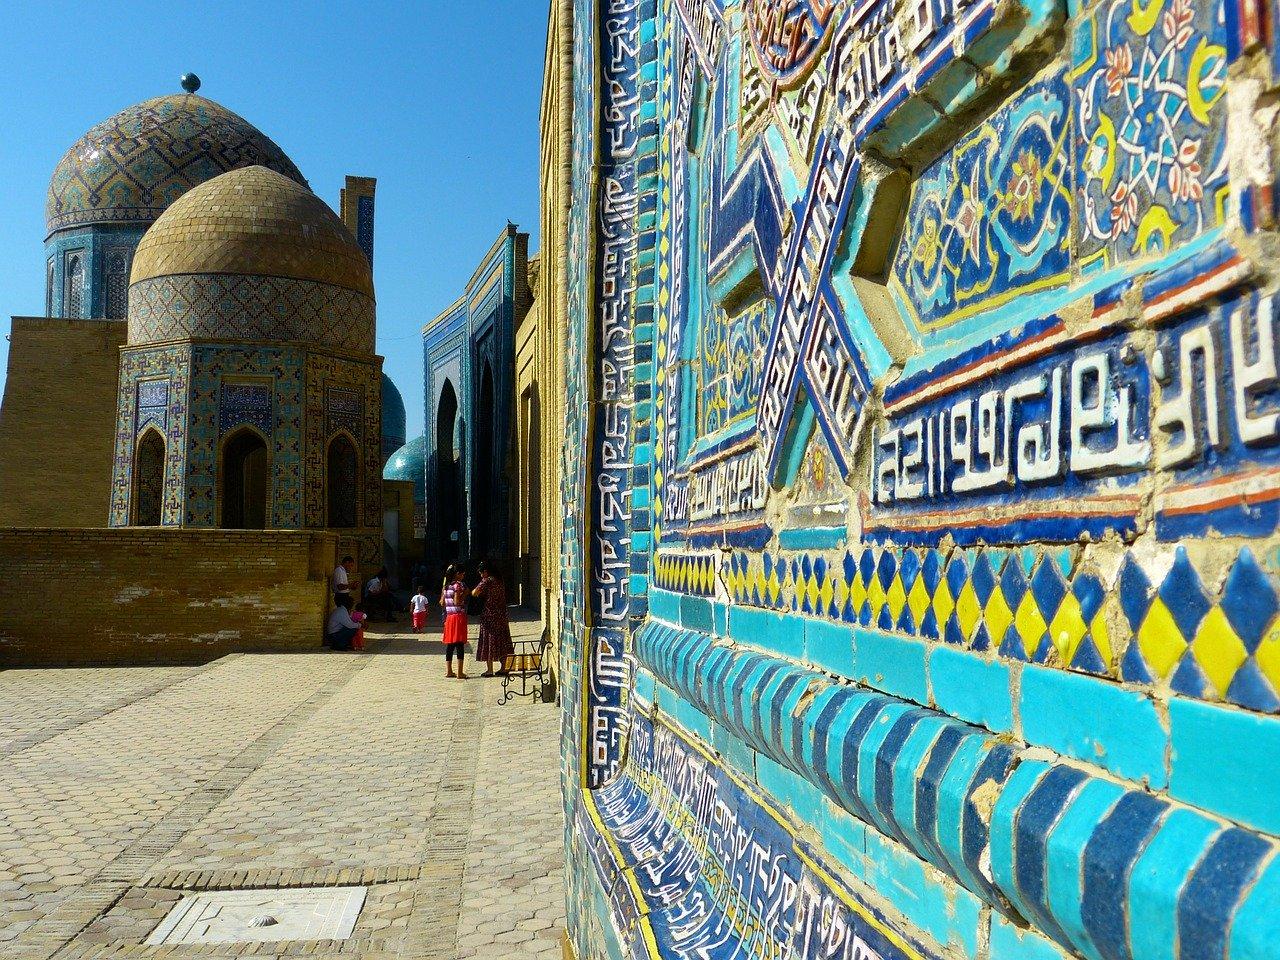 Viaggio in Uzbekistan cosa vedere